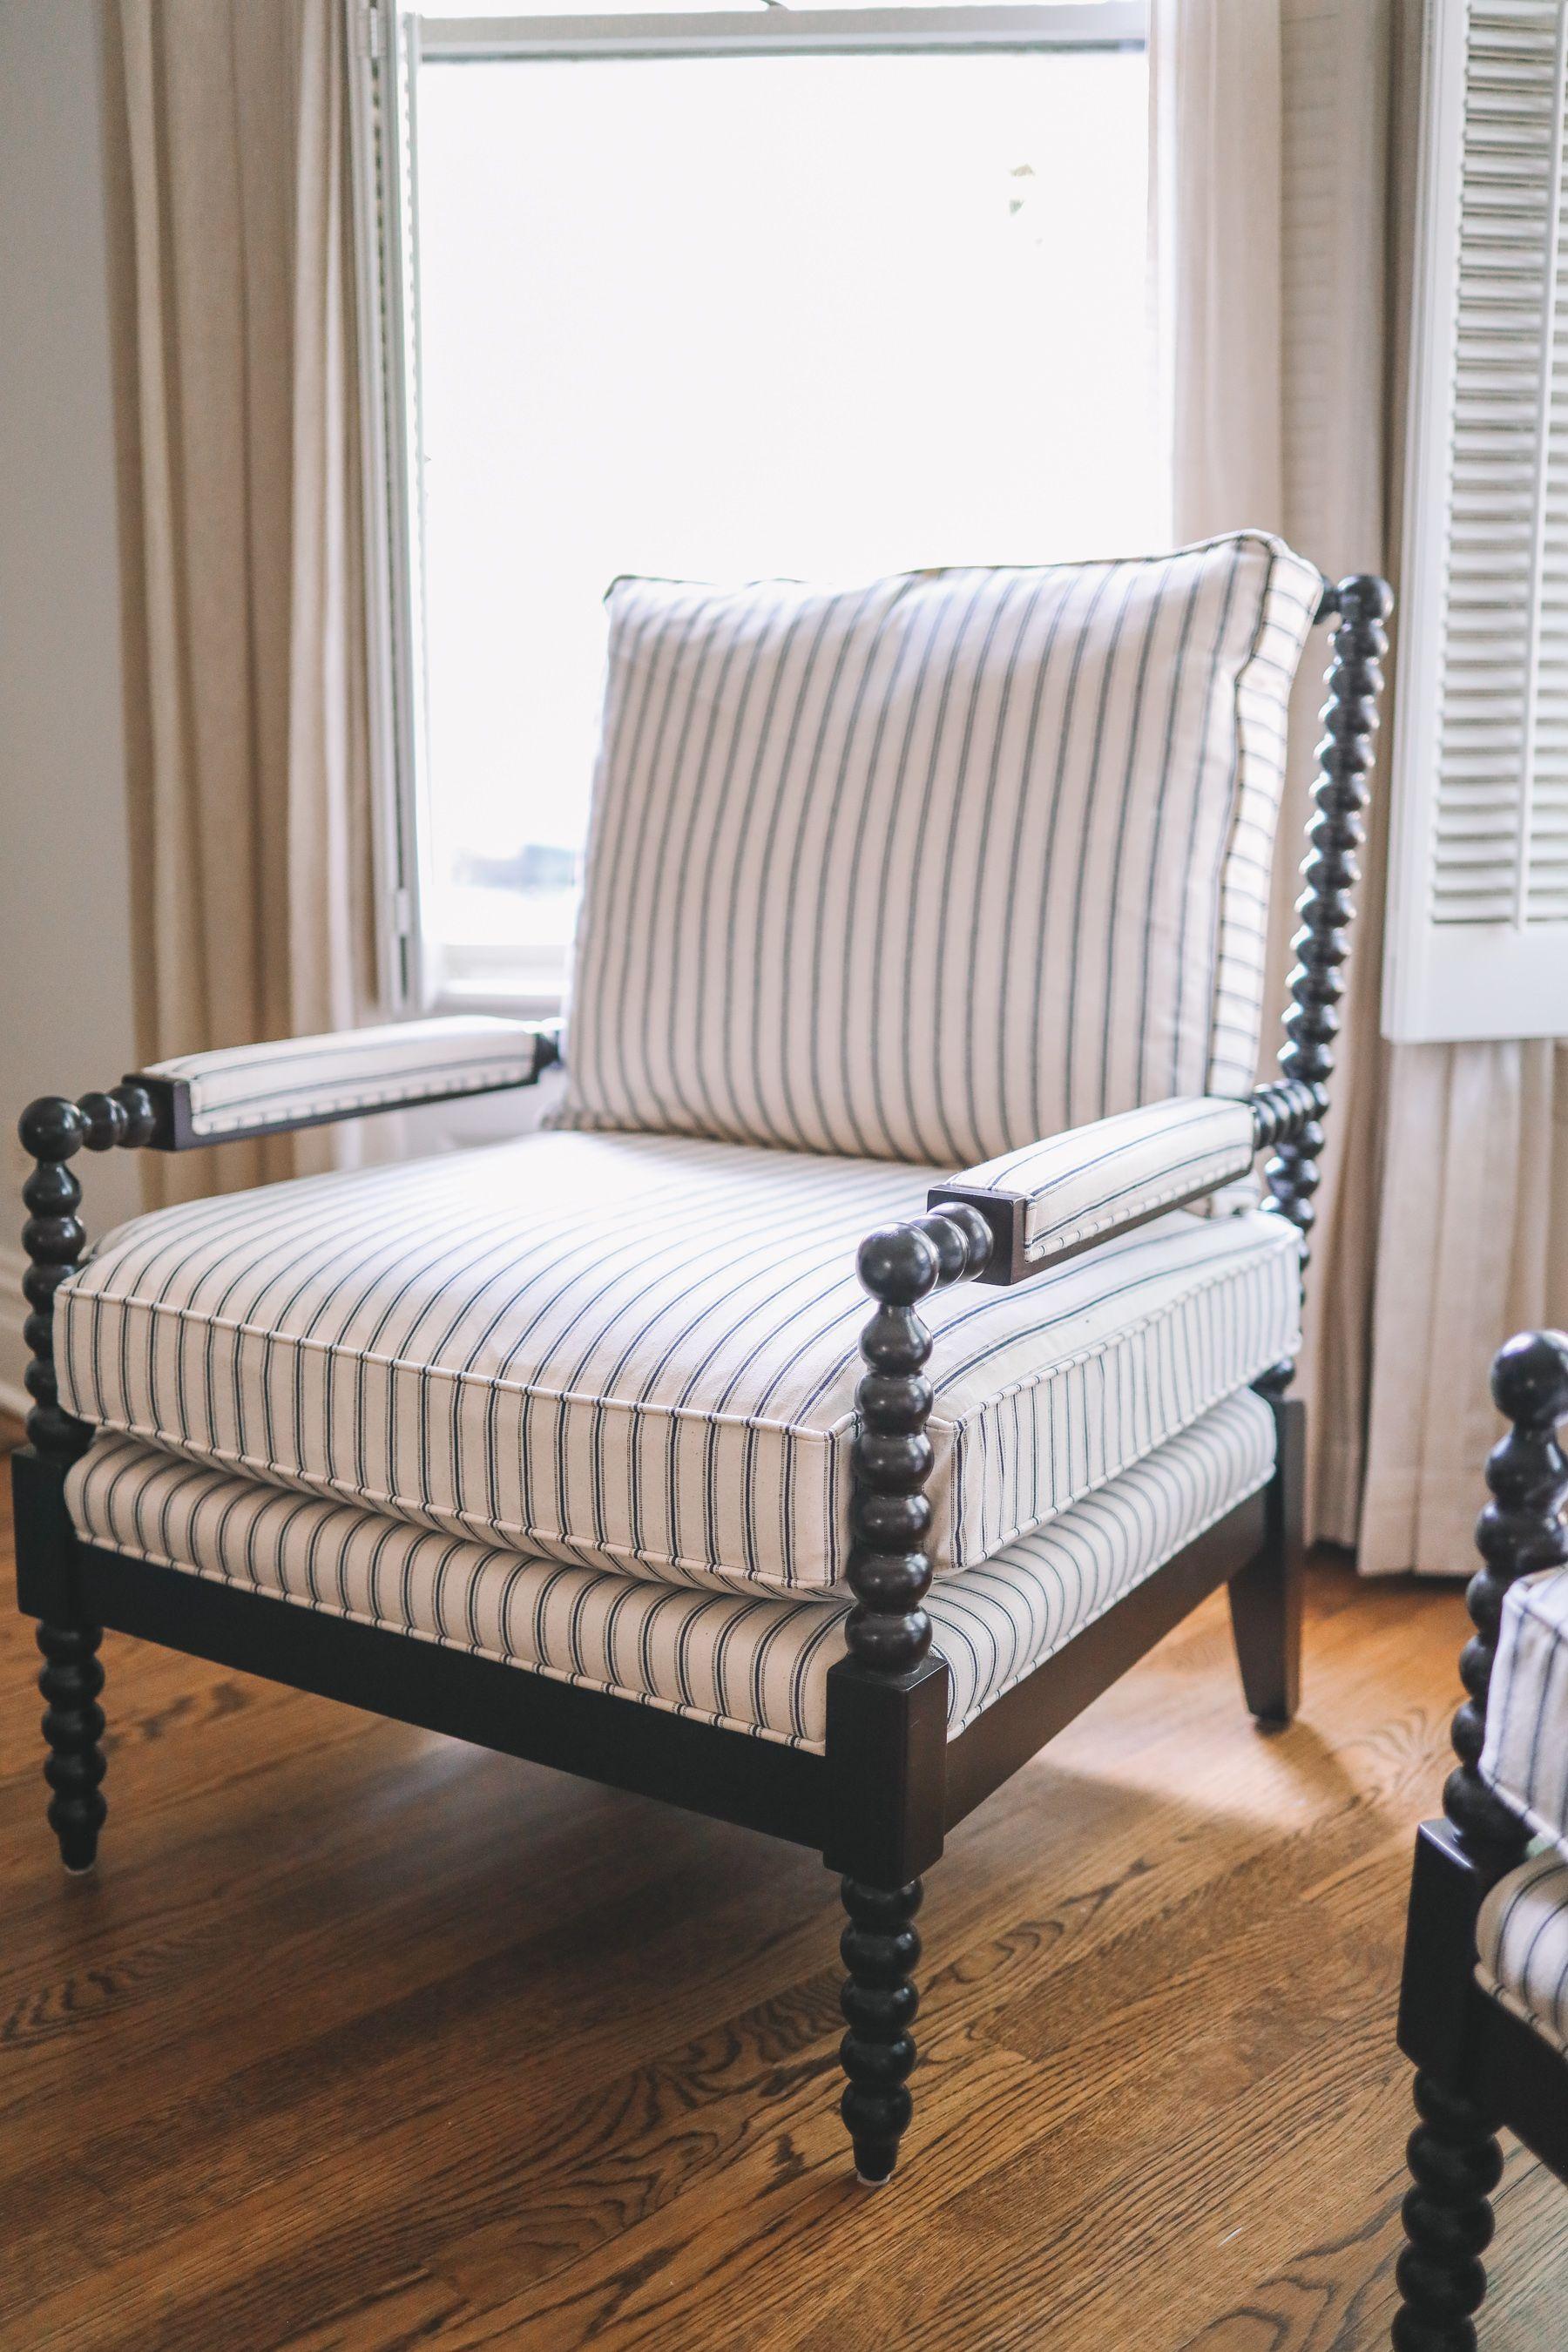 Ballard Designs Shiloh Spool Chair Review Ballard Designs Chairs